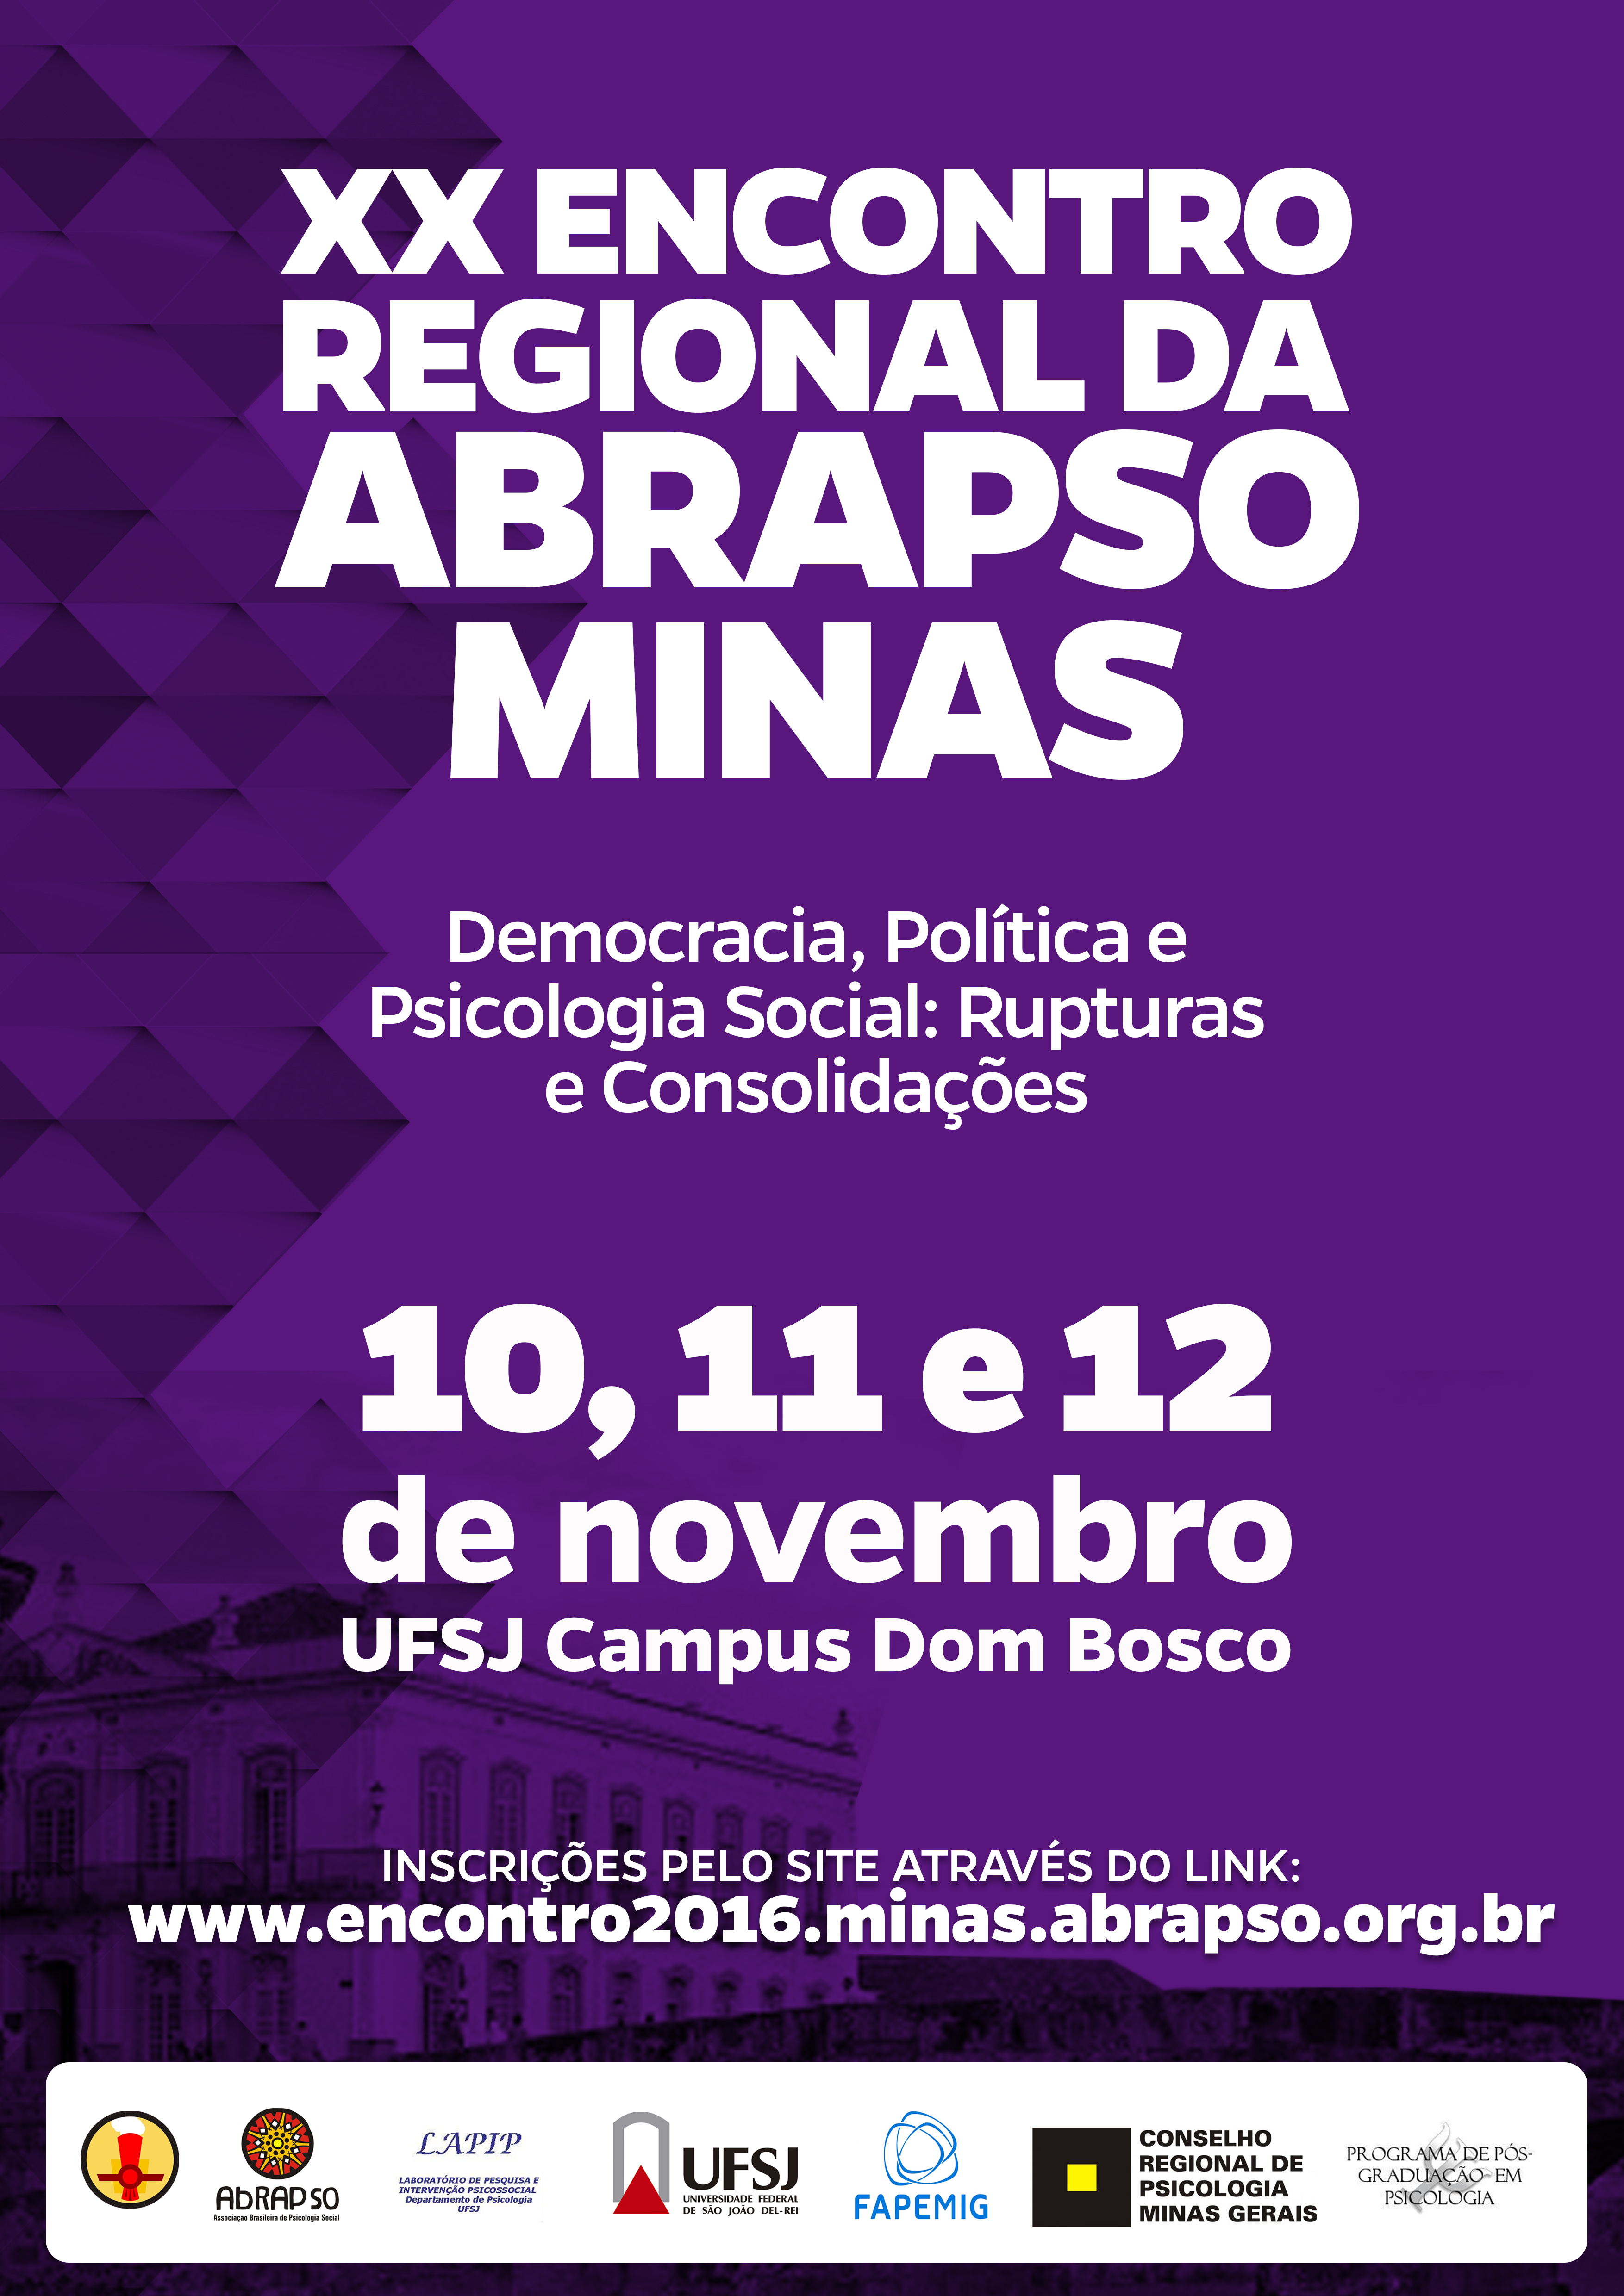 XX Encontro Regional da ABRAPSO Minas